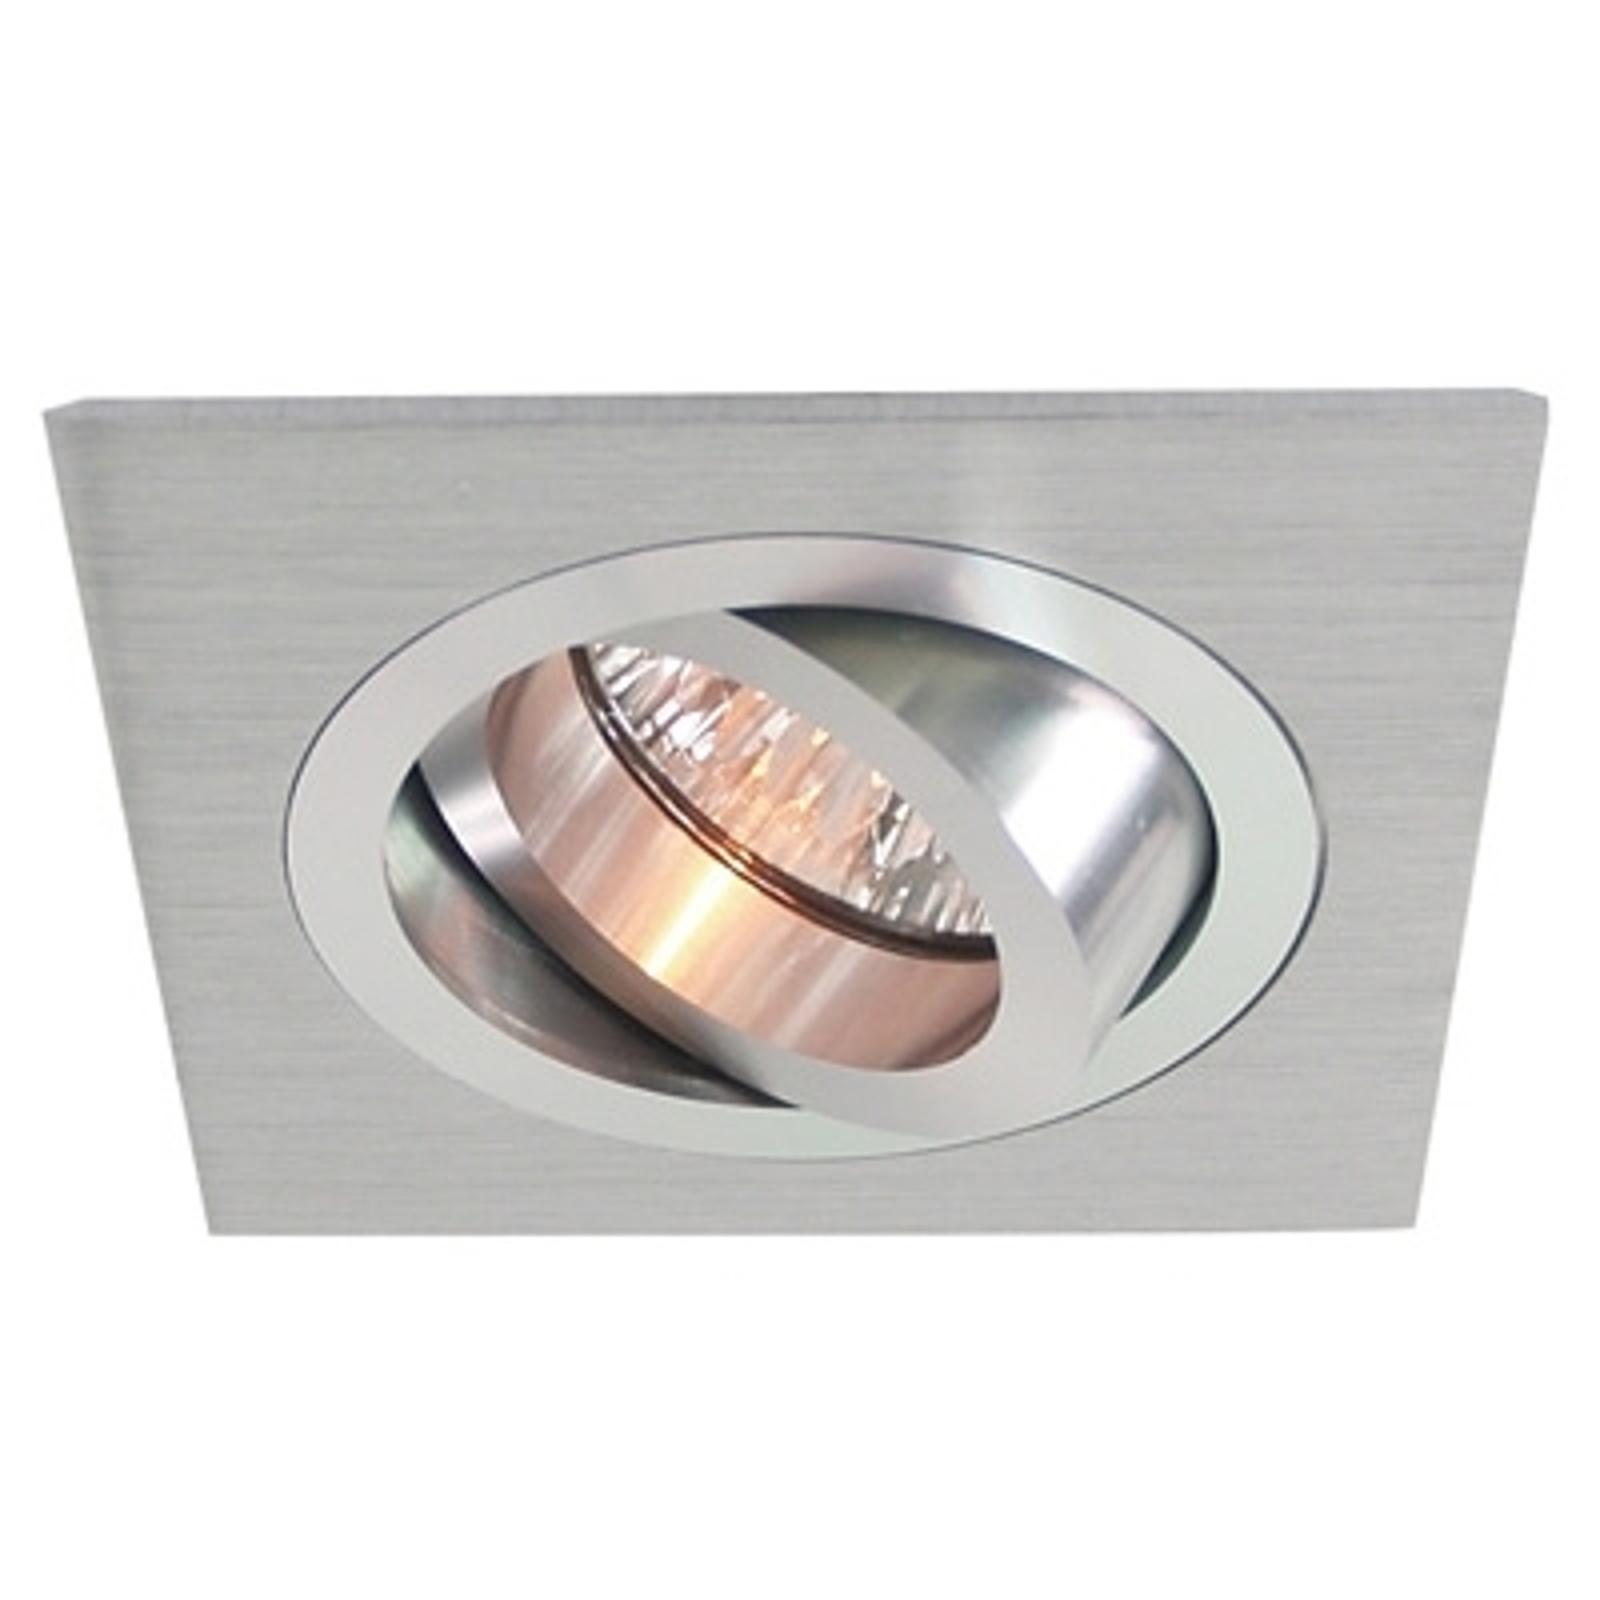 Drejelig indbygningsring aluminium 9,2x9,2 cm alu